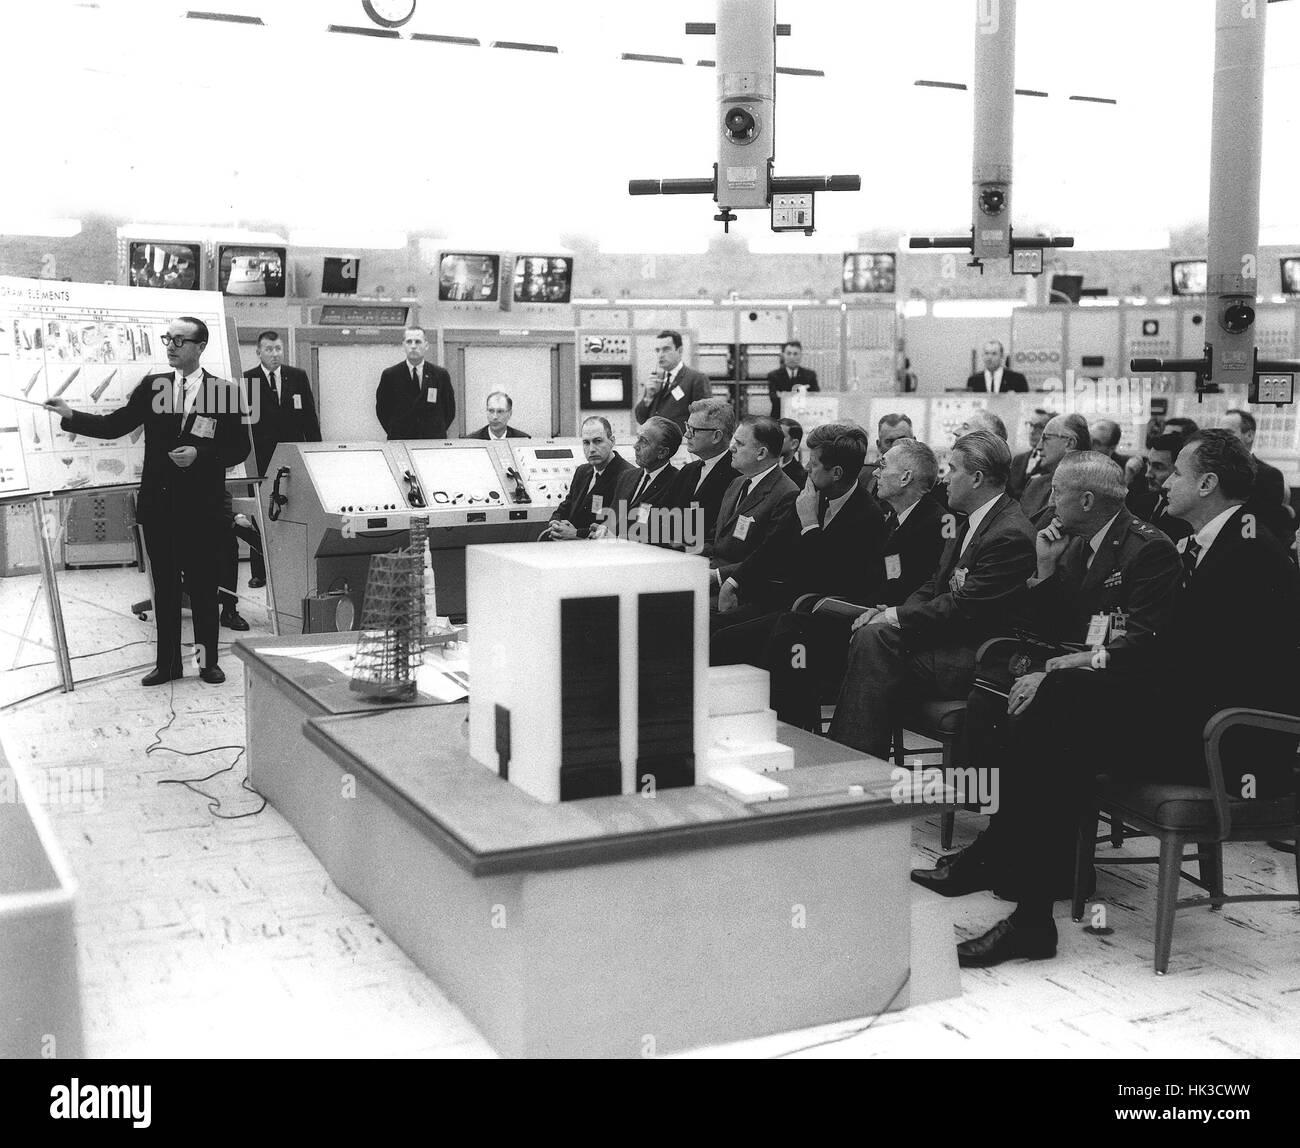 El Doctor George Mueller da orientación Saturno V, al Presidente de los Estados Unidos John F. Kennedy y superiores en Blockhouse 37 en Cabo Cañaveral, Florida. Primera fila, de izquierda a derecha: George baja, Doctor Kurt Debus, el Doctor Robert Seamans, James Webb, Presidente Ken Foto de stock